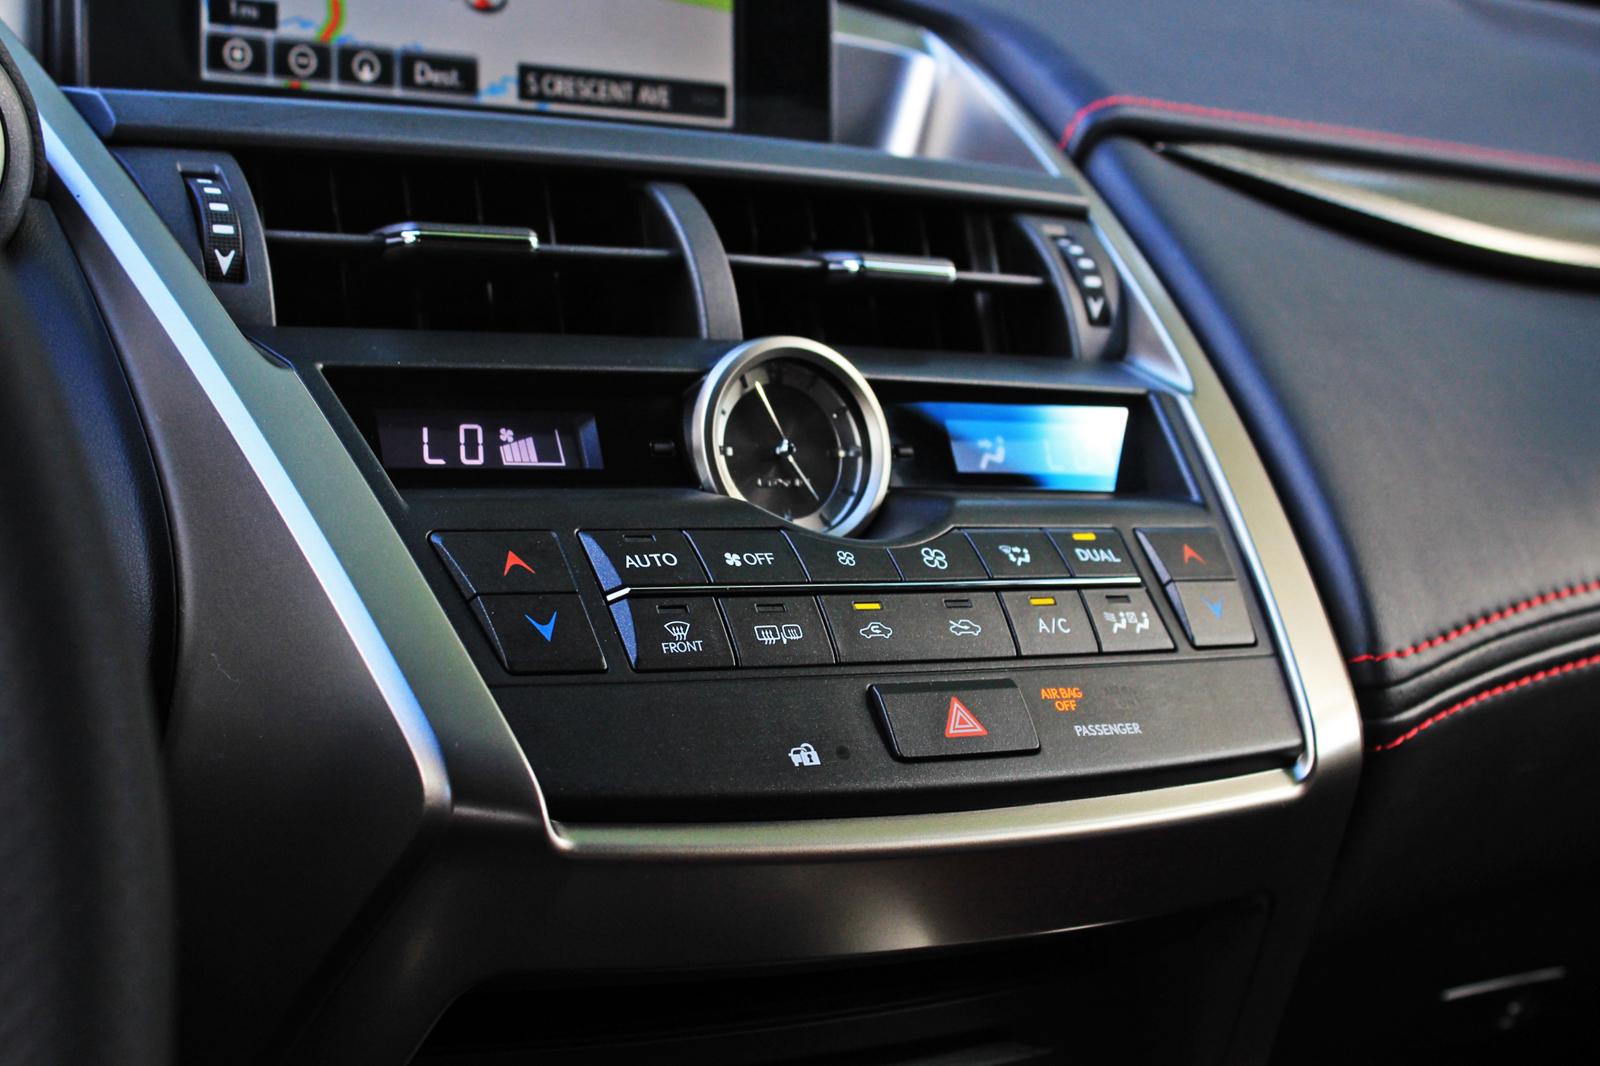 2015 Lexus Nx 200t F Sport Carfanatics Blog